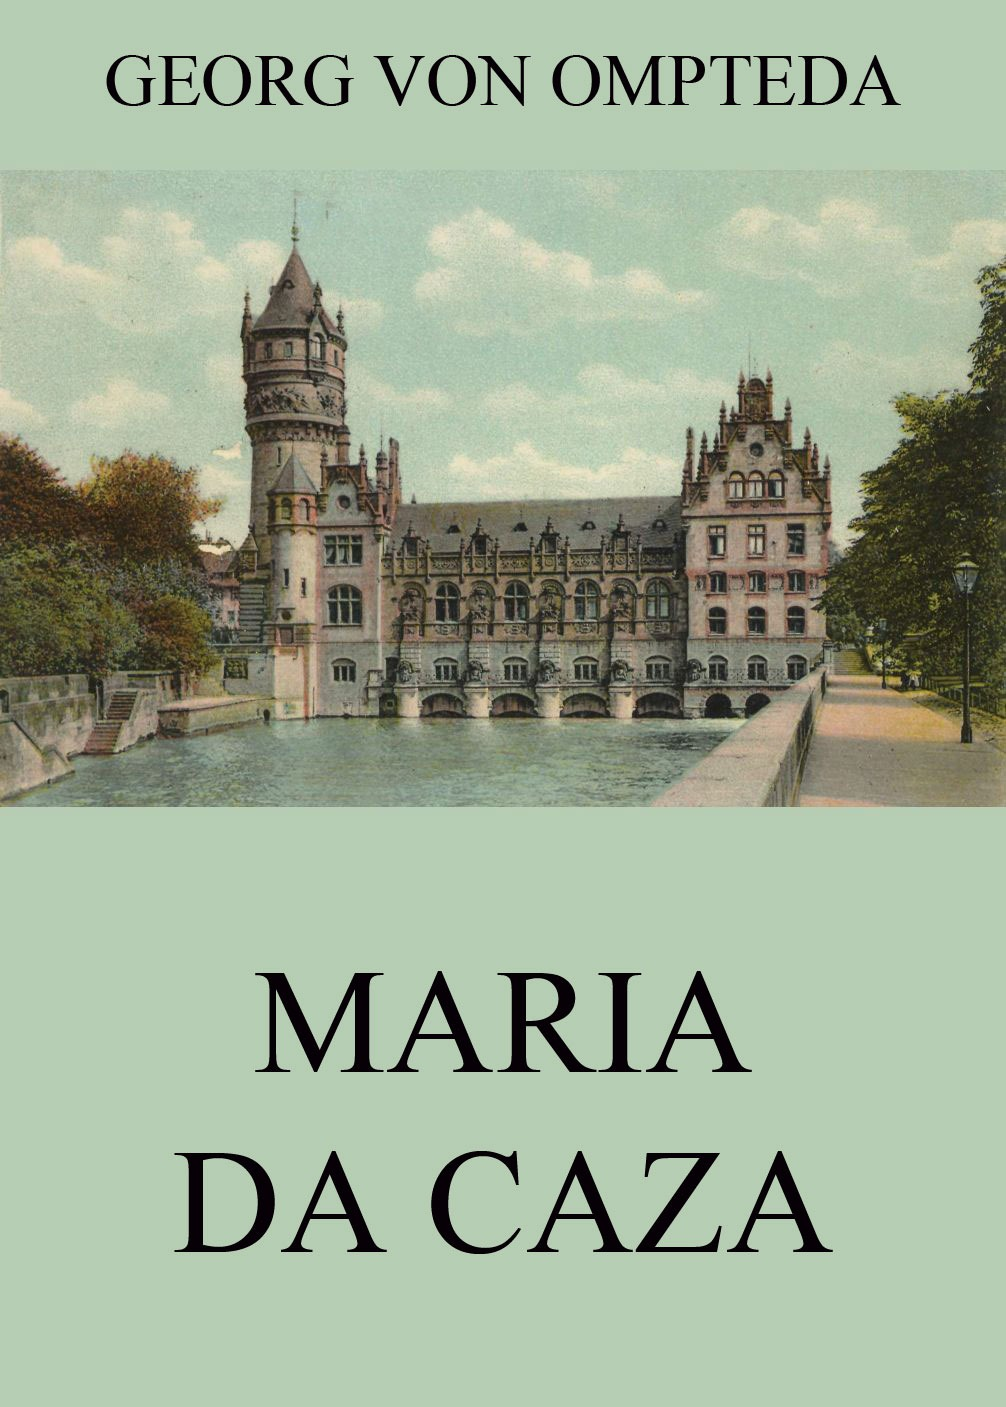 цены Georg von Ompteda Maria da Caza